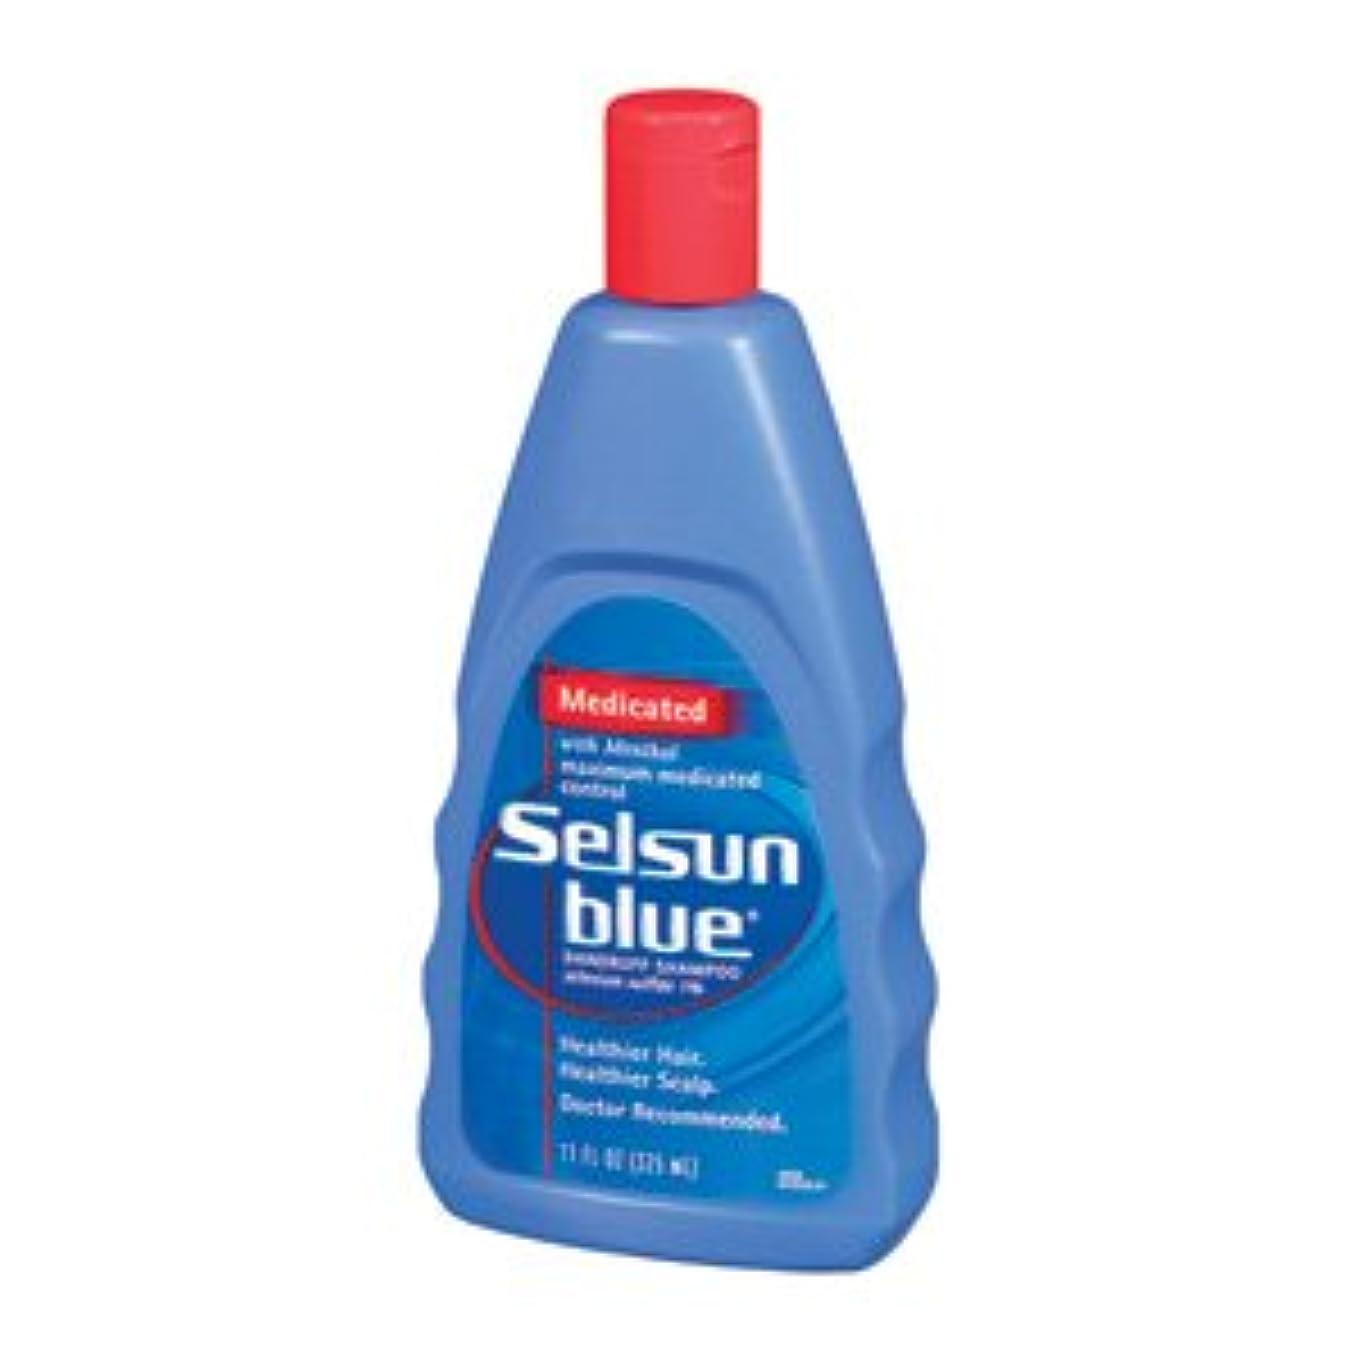 縁石剥離あごセルサンブルー Selsun Blue ふけ用薬用シャンプー312ml(海外直送品)